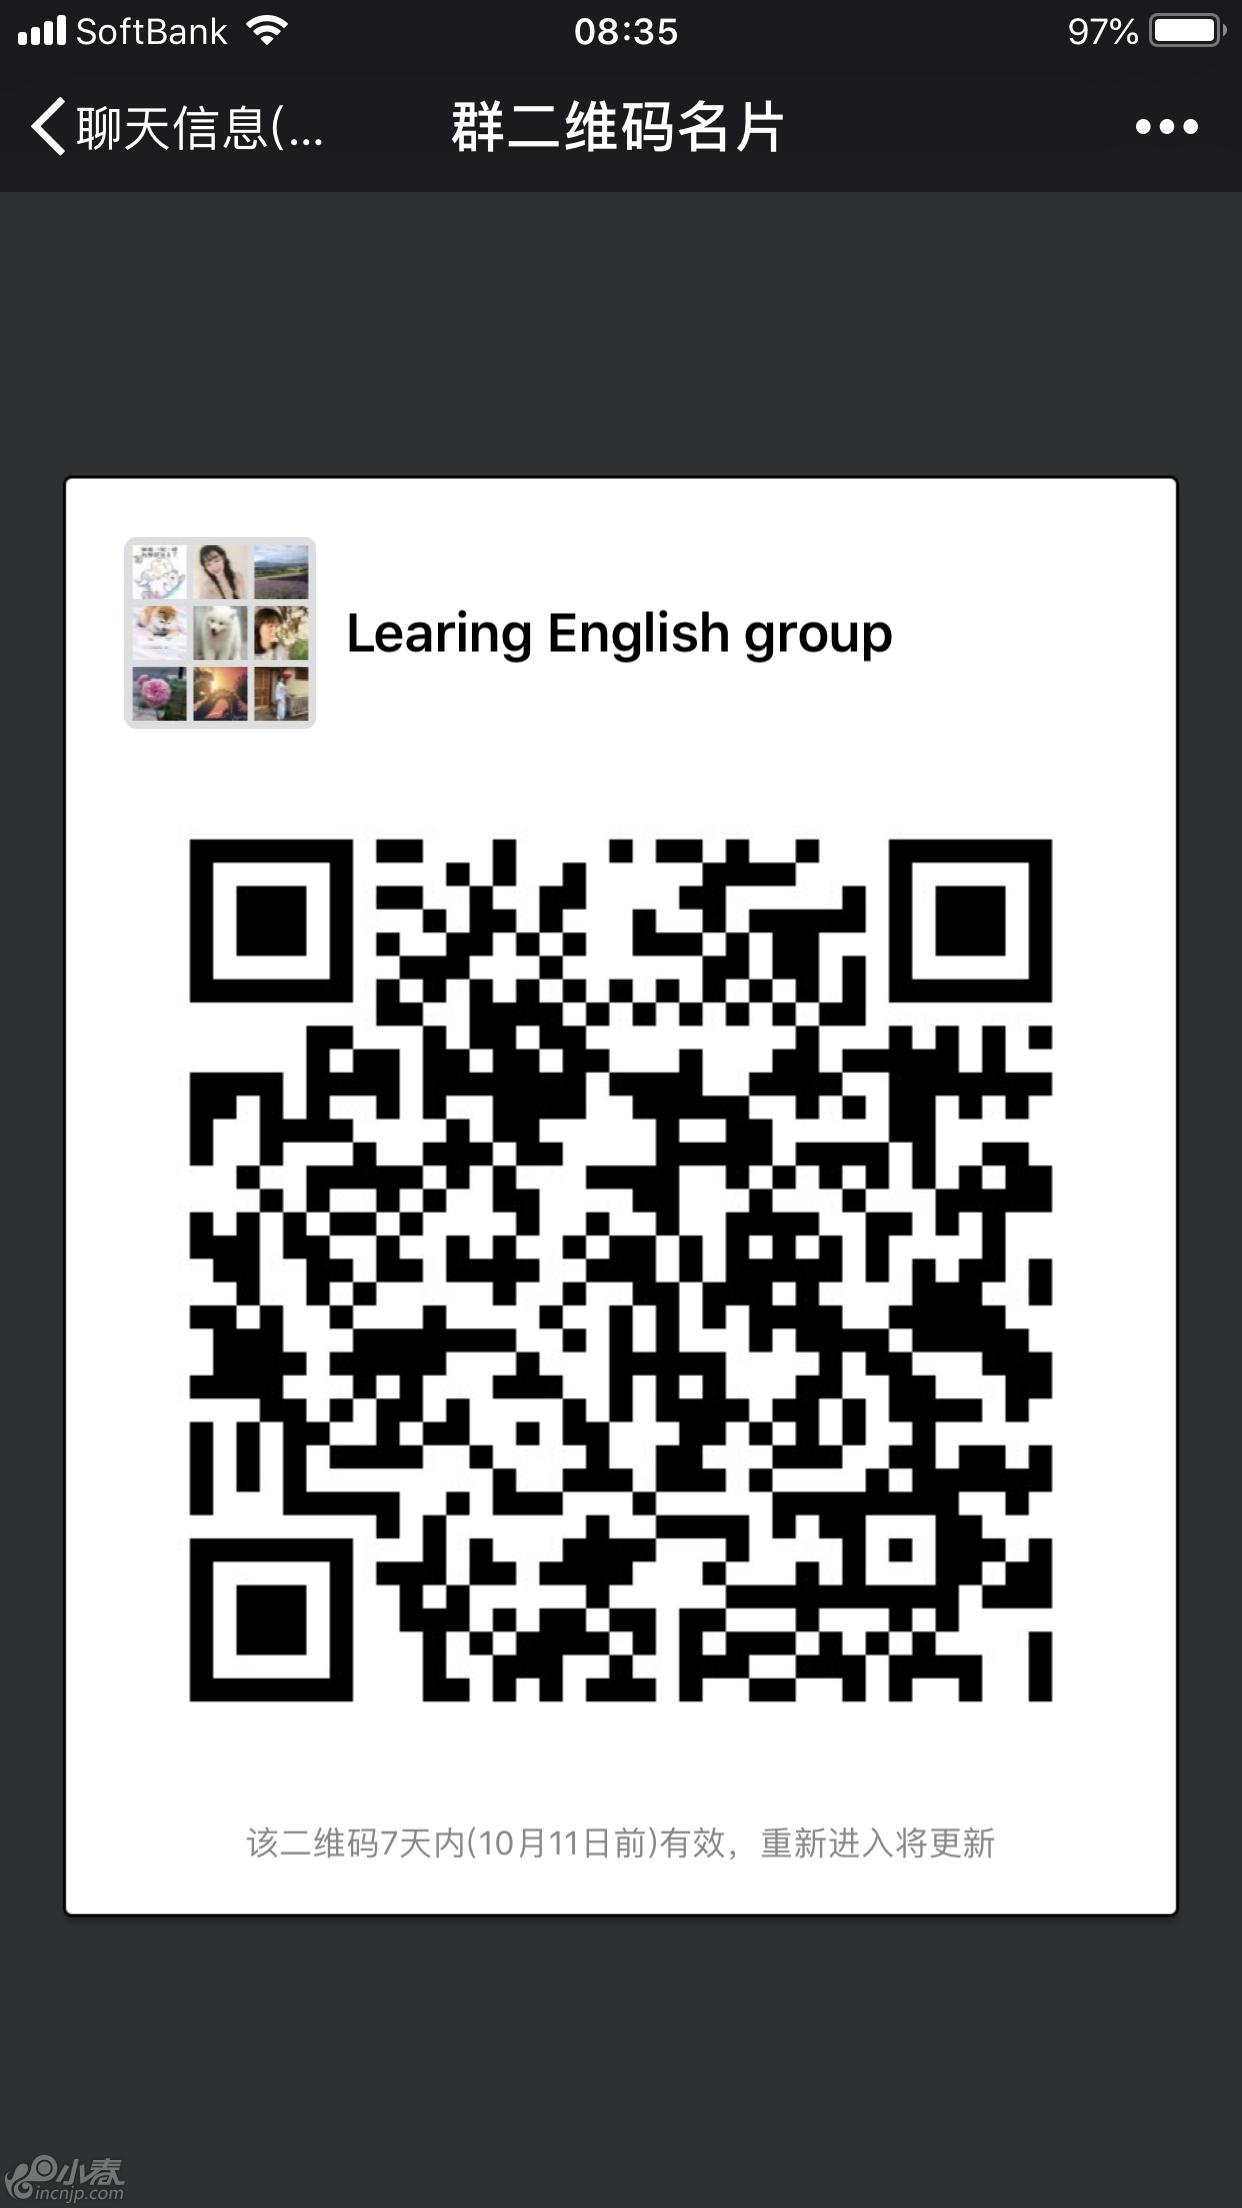 D8178E69-84A9-475F-810C-536DAD35A682.png